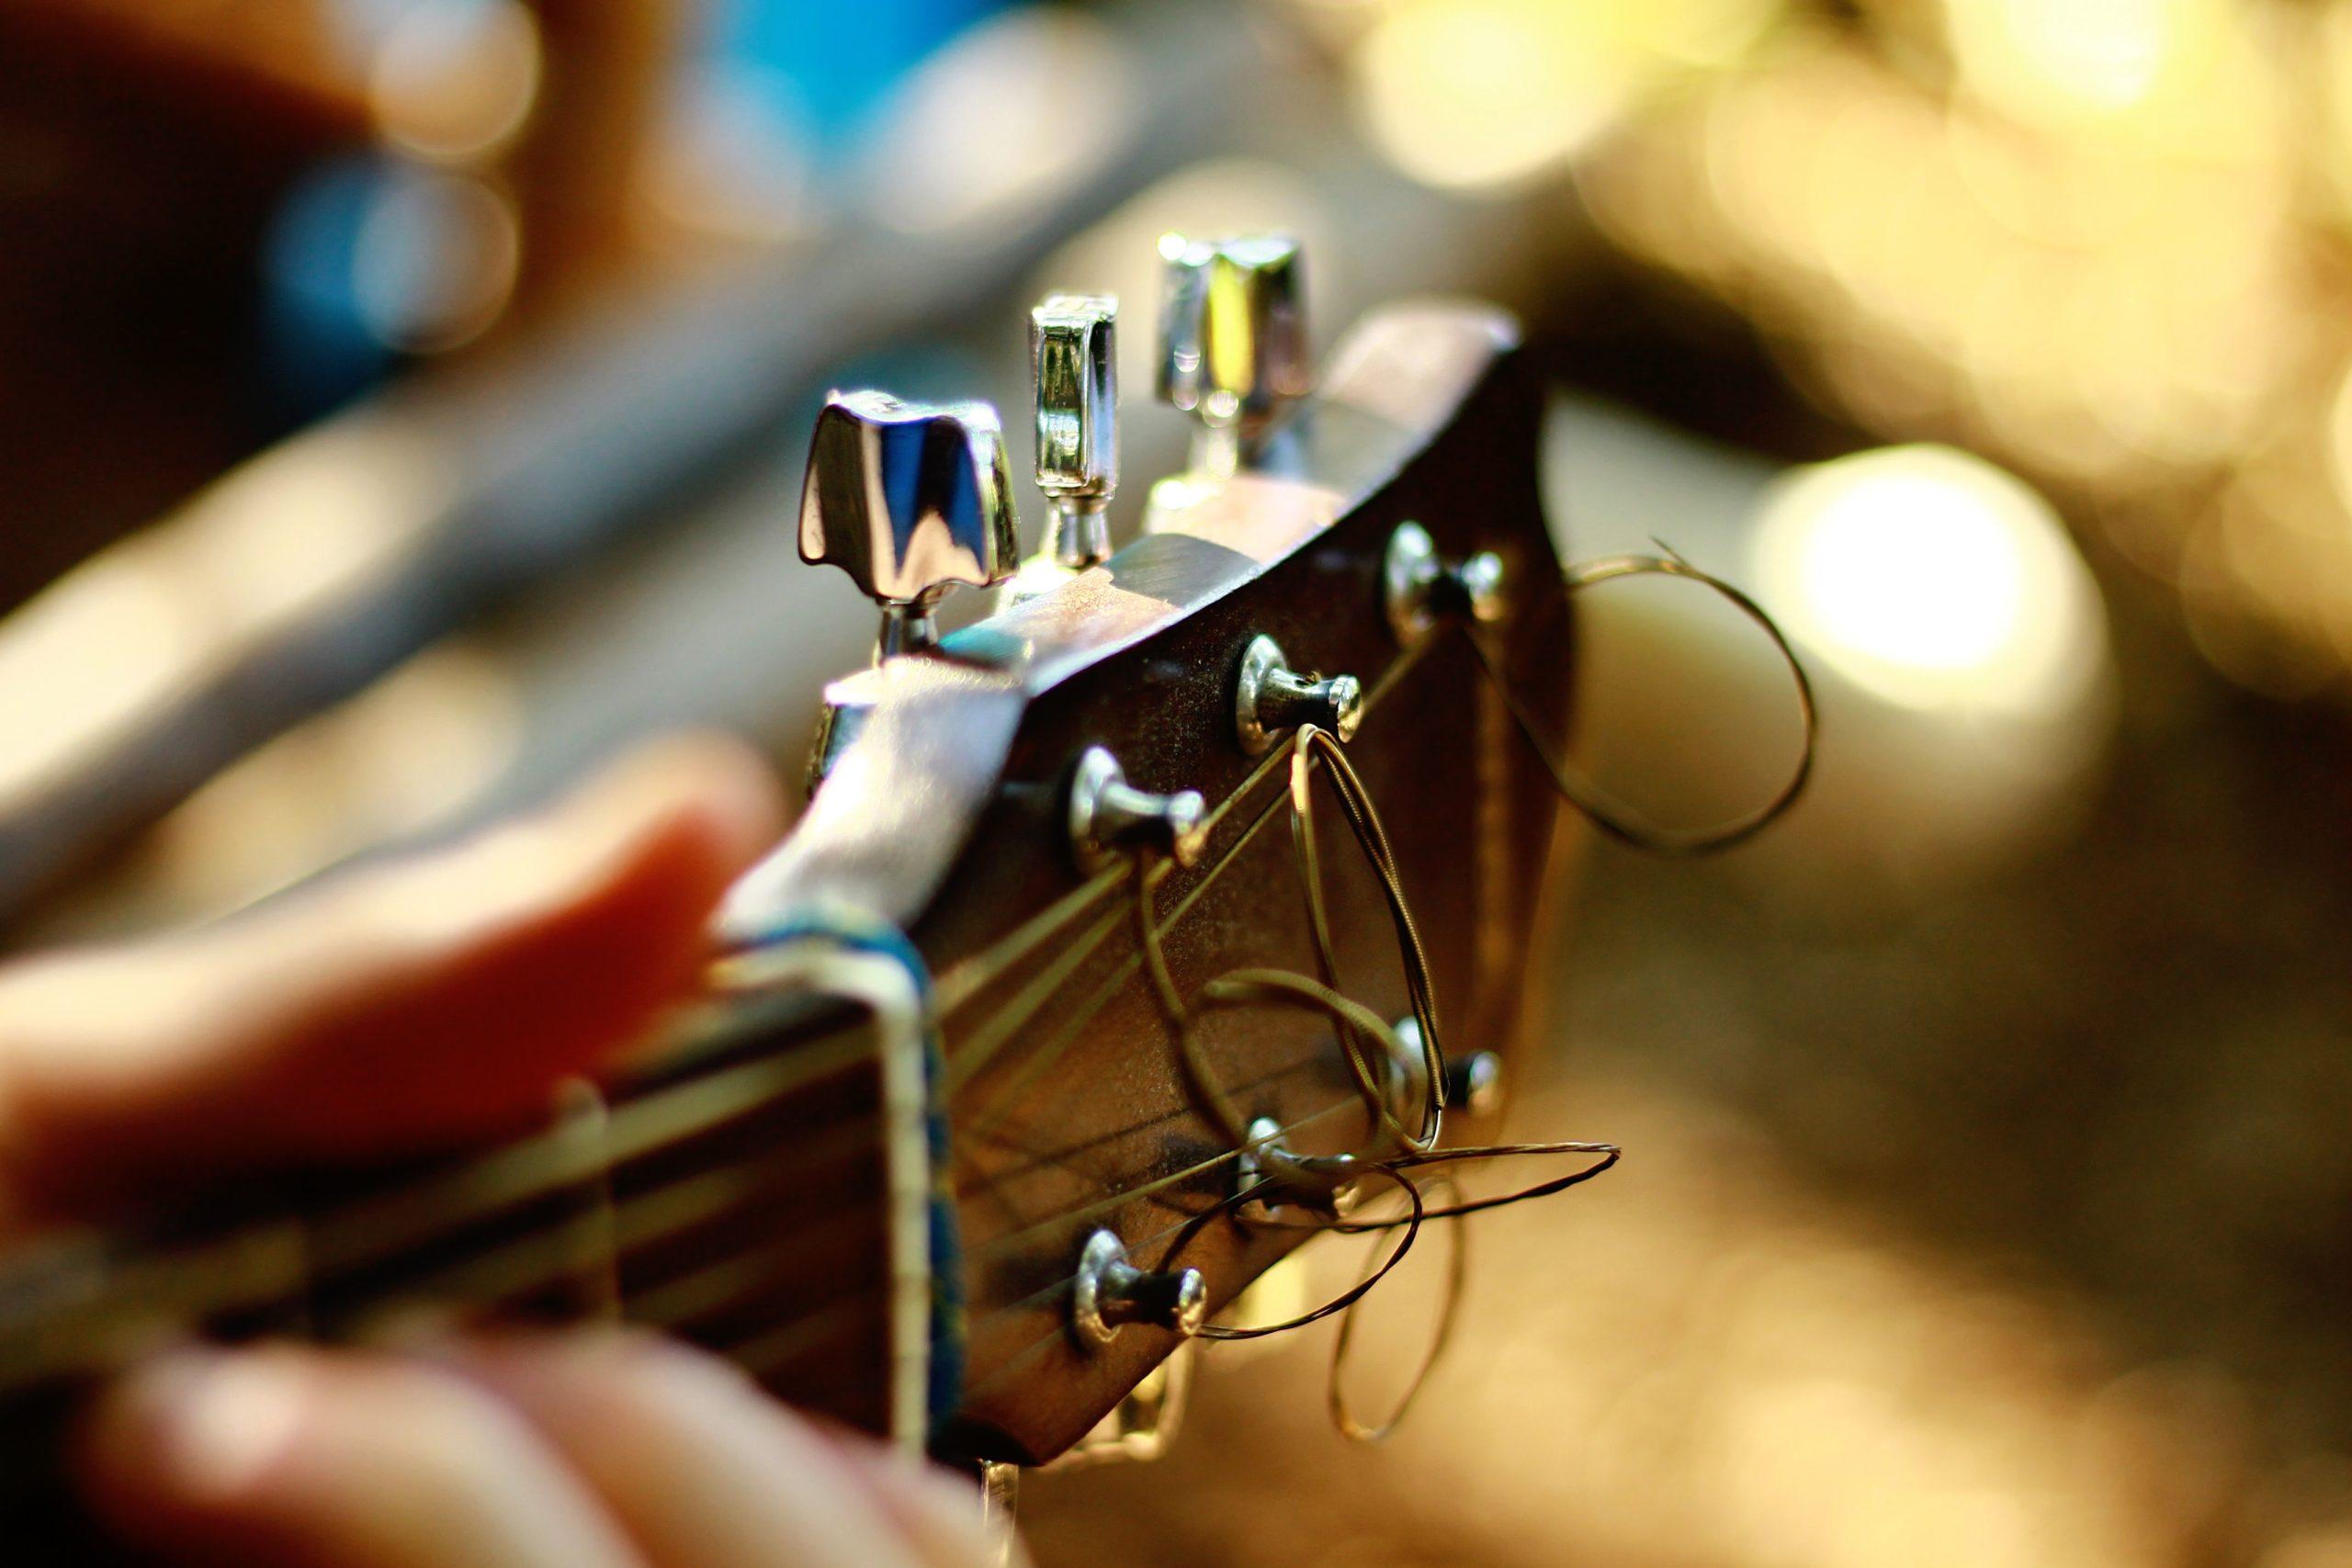 Qué-cuerdas-comprar-para-mi-guitarra